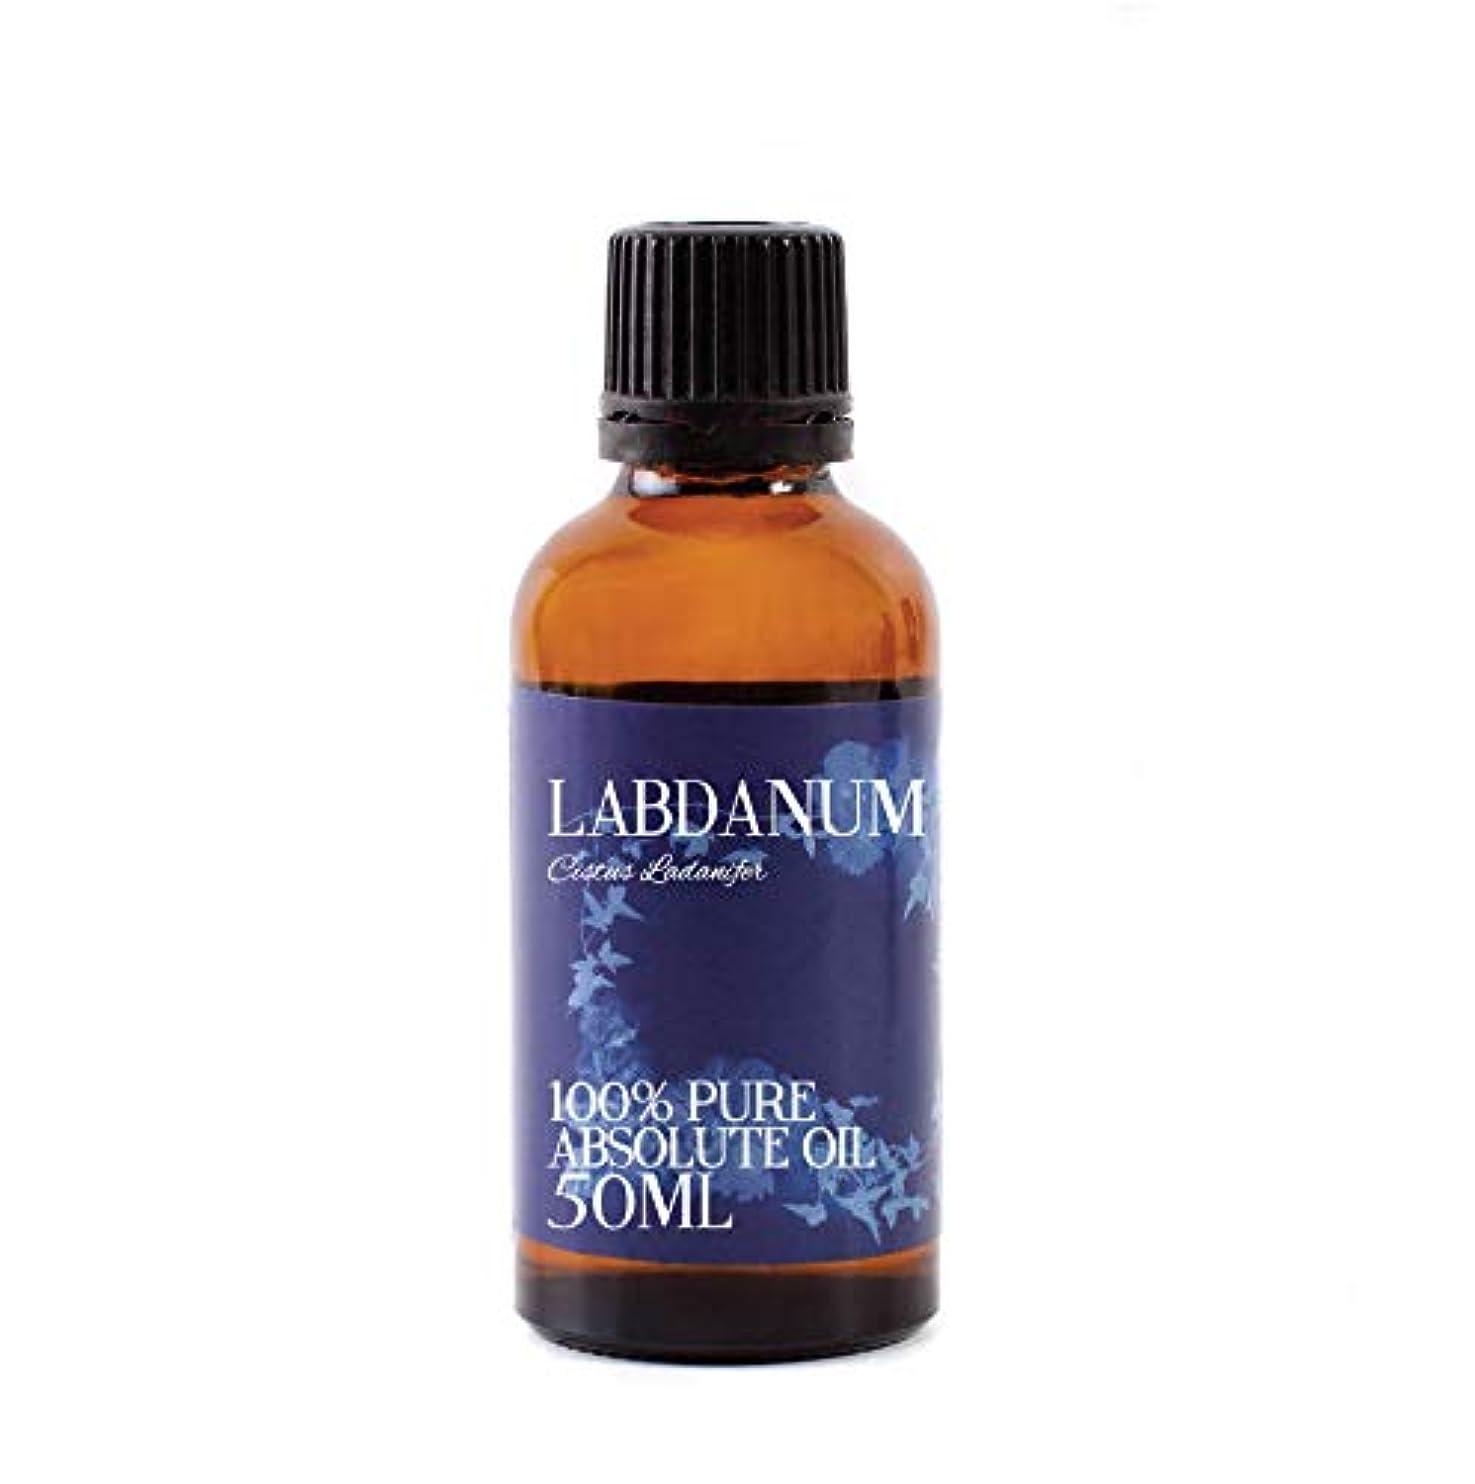 熟練した台無しに接続Labdanum Absolute 50ml - 100% Pure